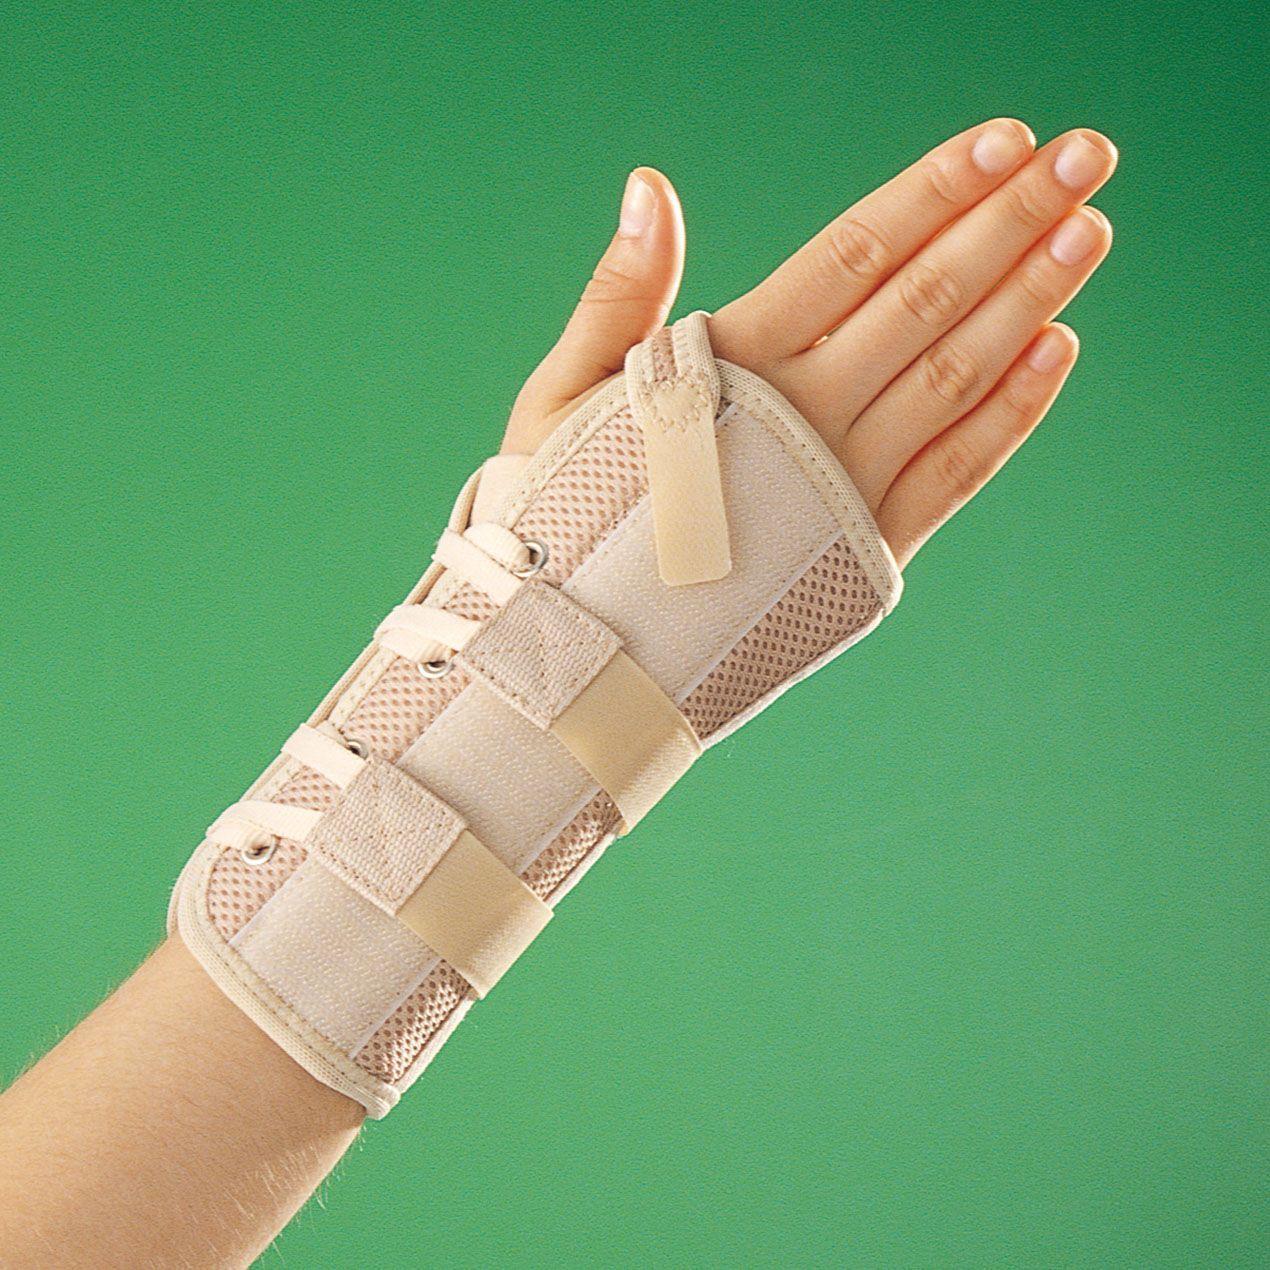 Как происходит перелом лучезапястного сустава, симптомы и лечение травмы